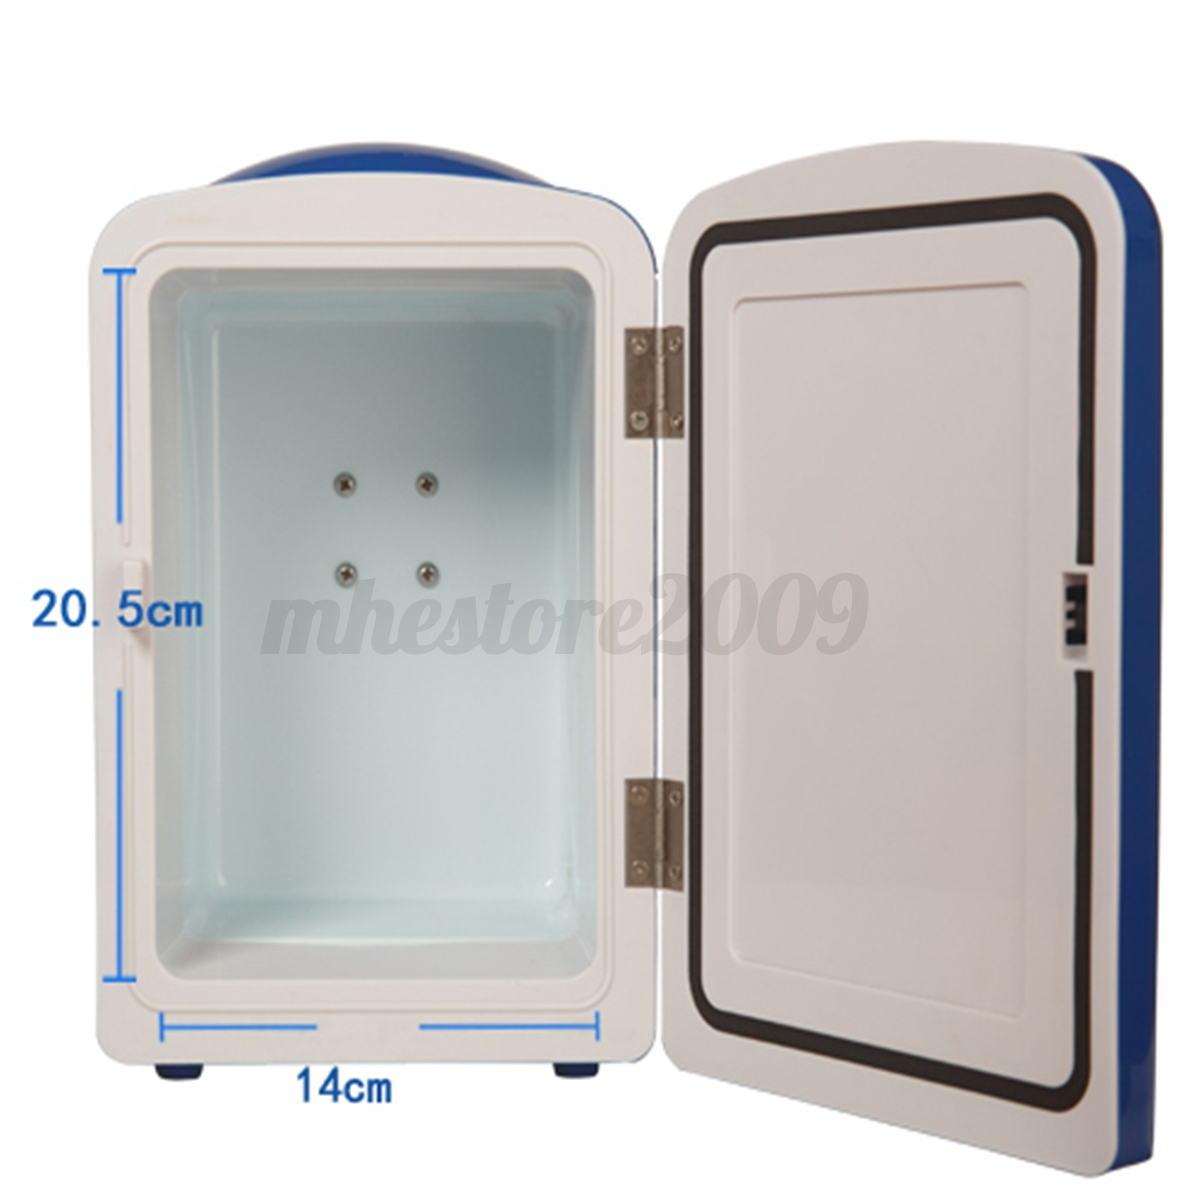 12V 4L Car Fridge Mini Refrigerator Portable ...